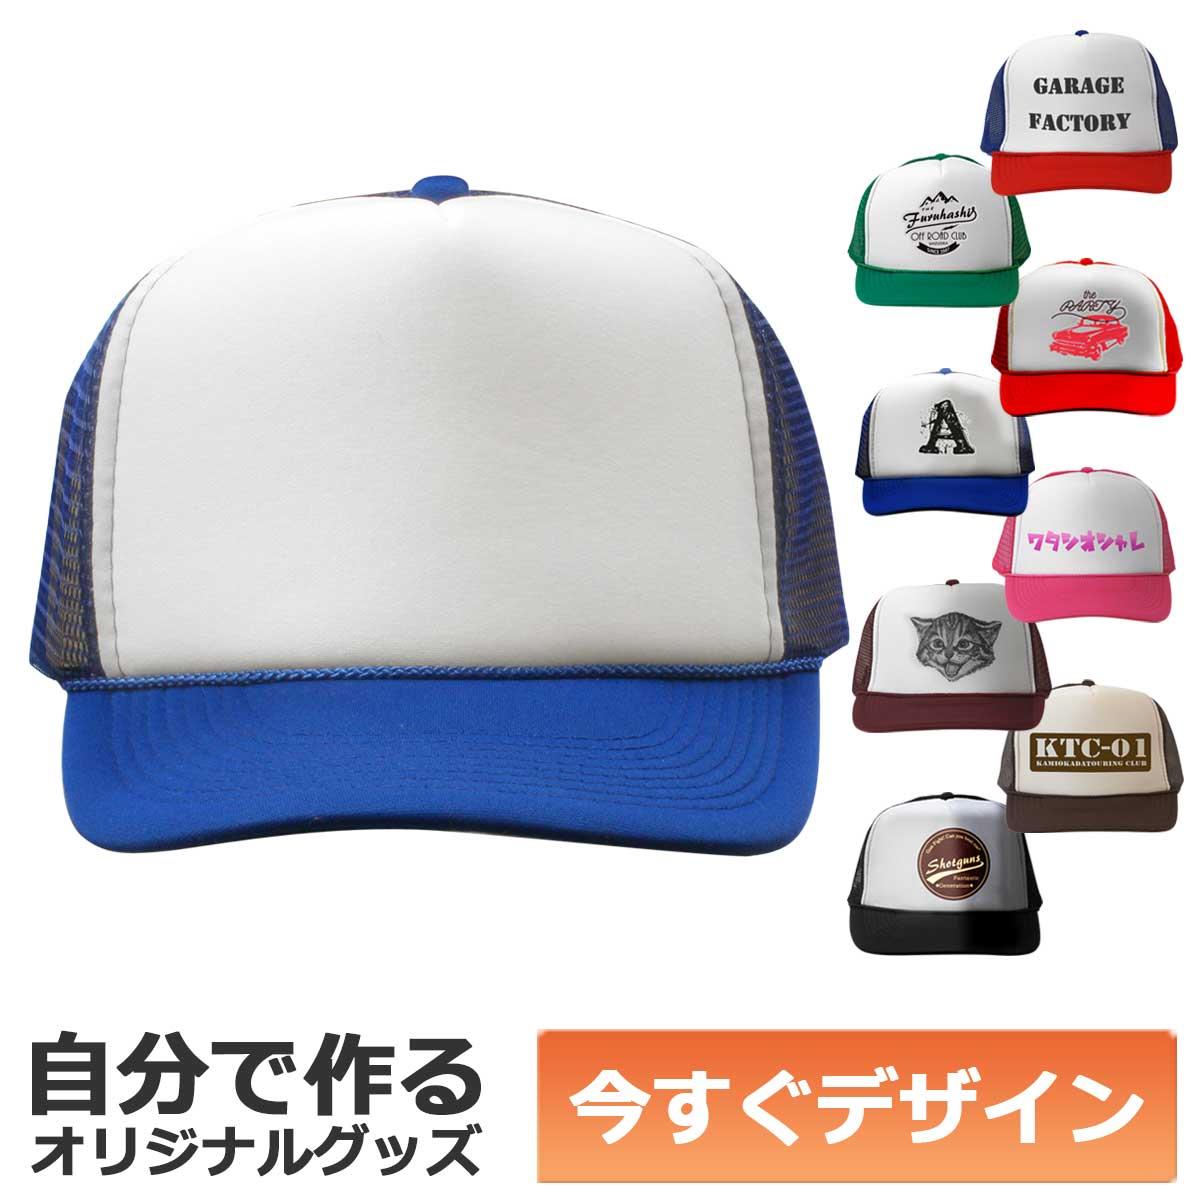 あす楽 名入れ 安全 チームキャップ 最新 OTTO 定番 ギフト 即納可能 キャップ 自分でデザイン オリジナル 1個から作れる 帽子 ロイヤルブルー×ホワイト